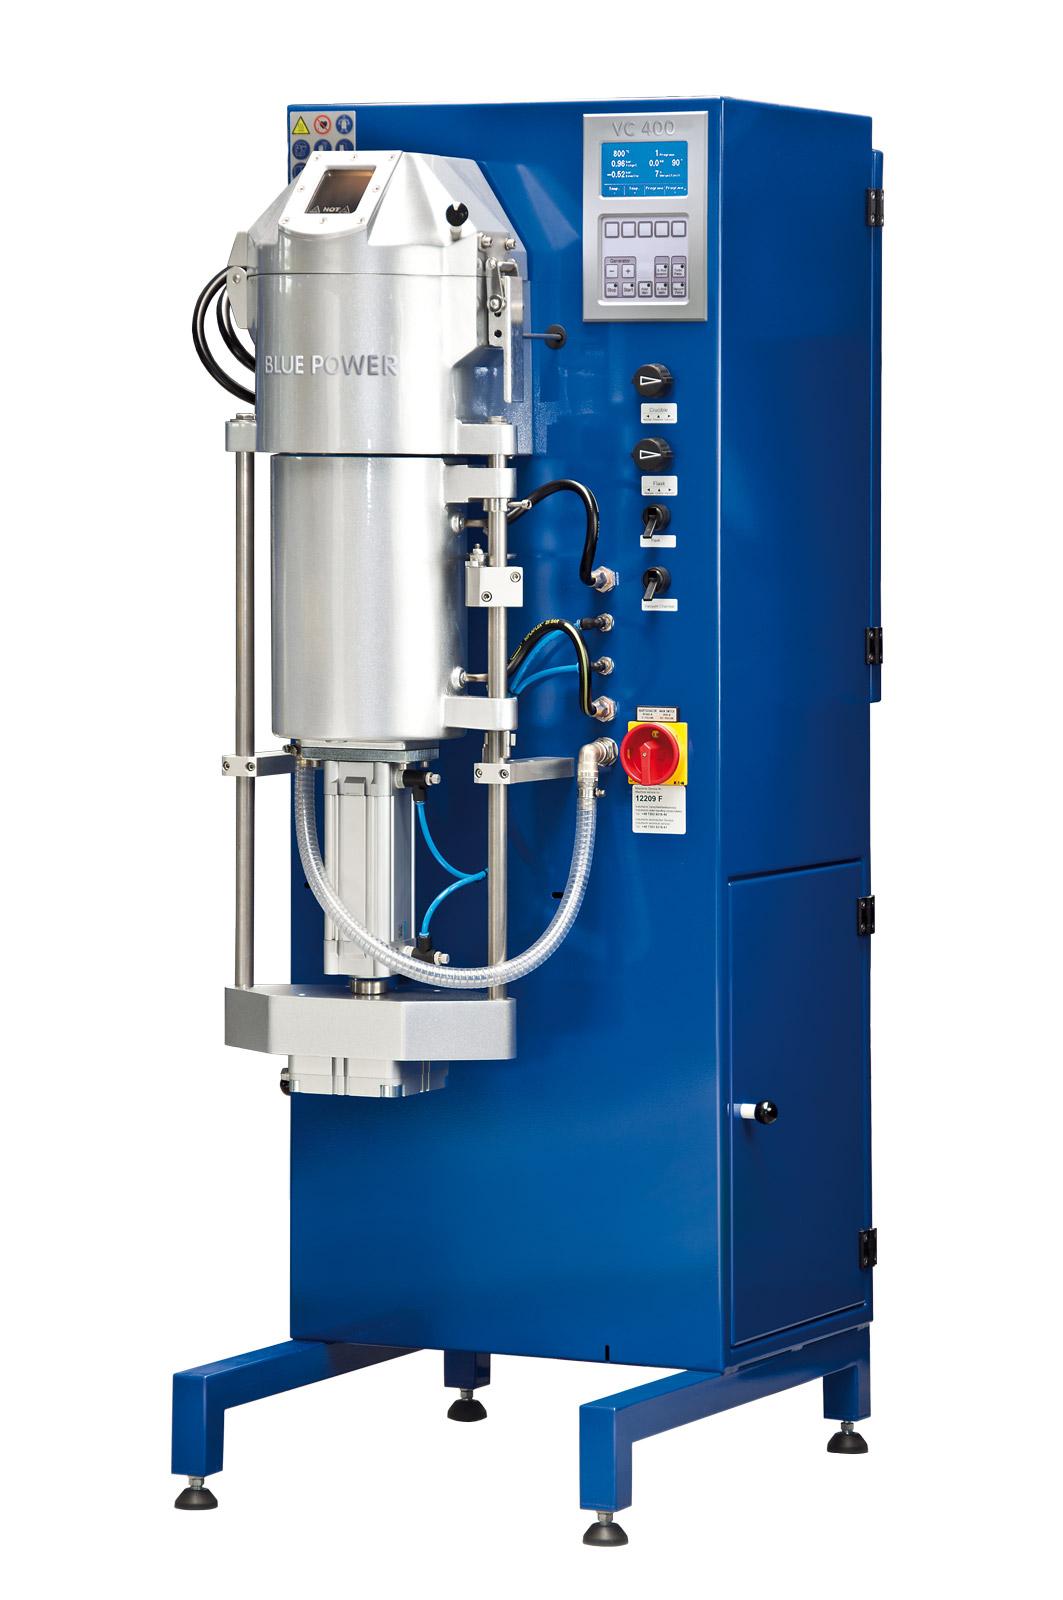 VC 400 Vakuum-Druck-Gießanlage